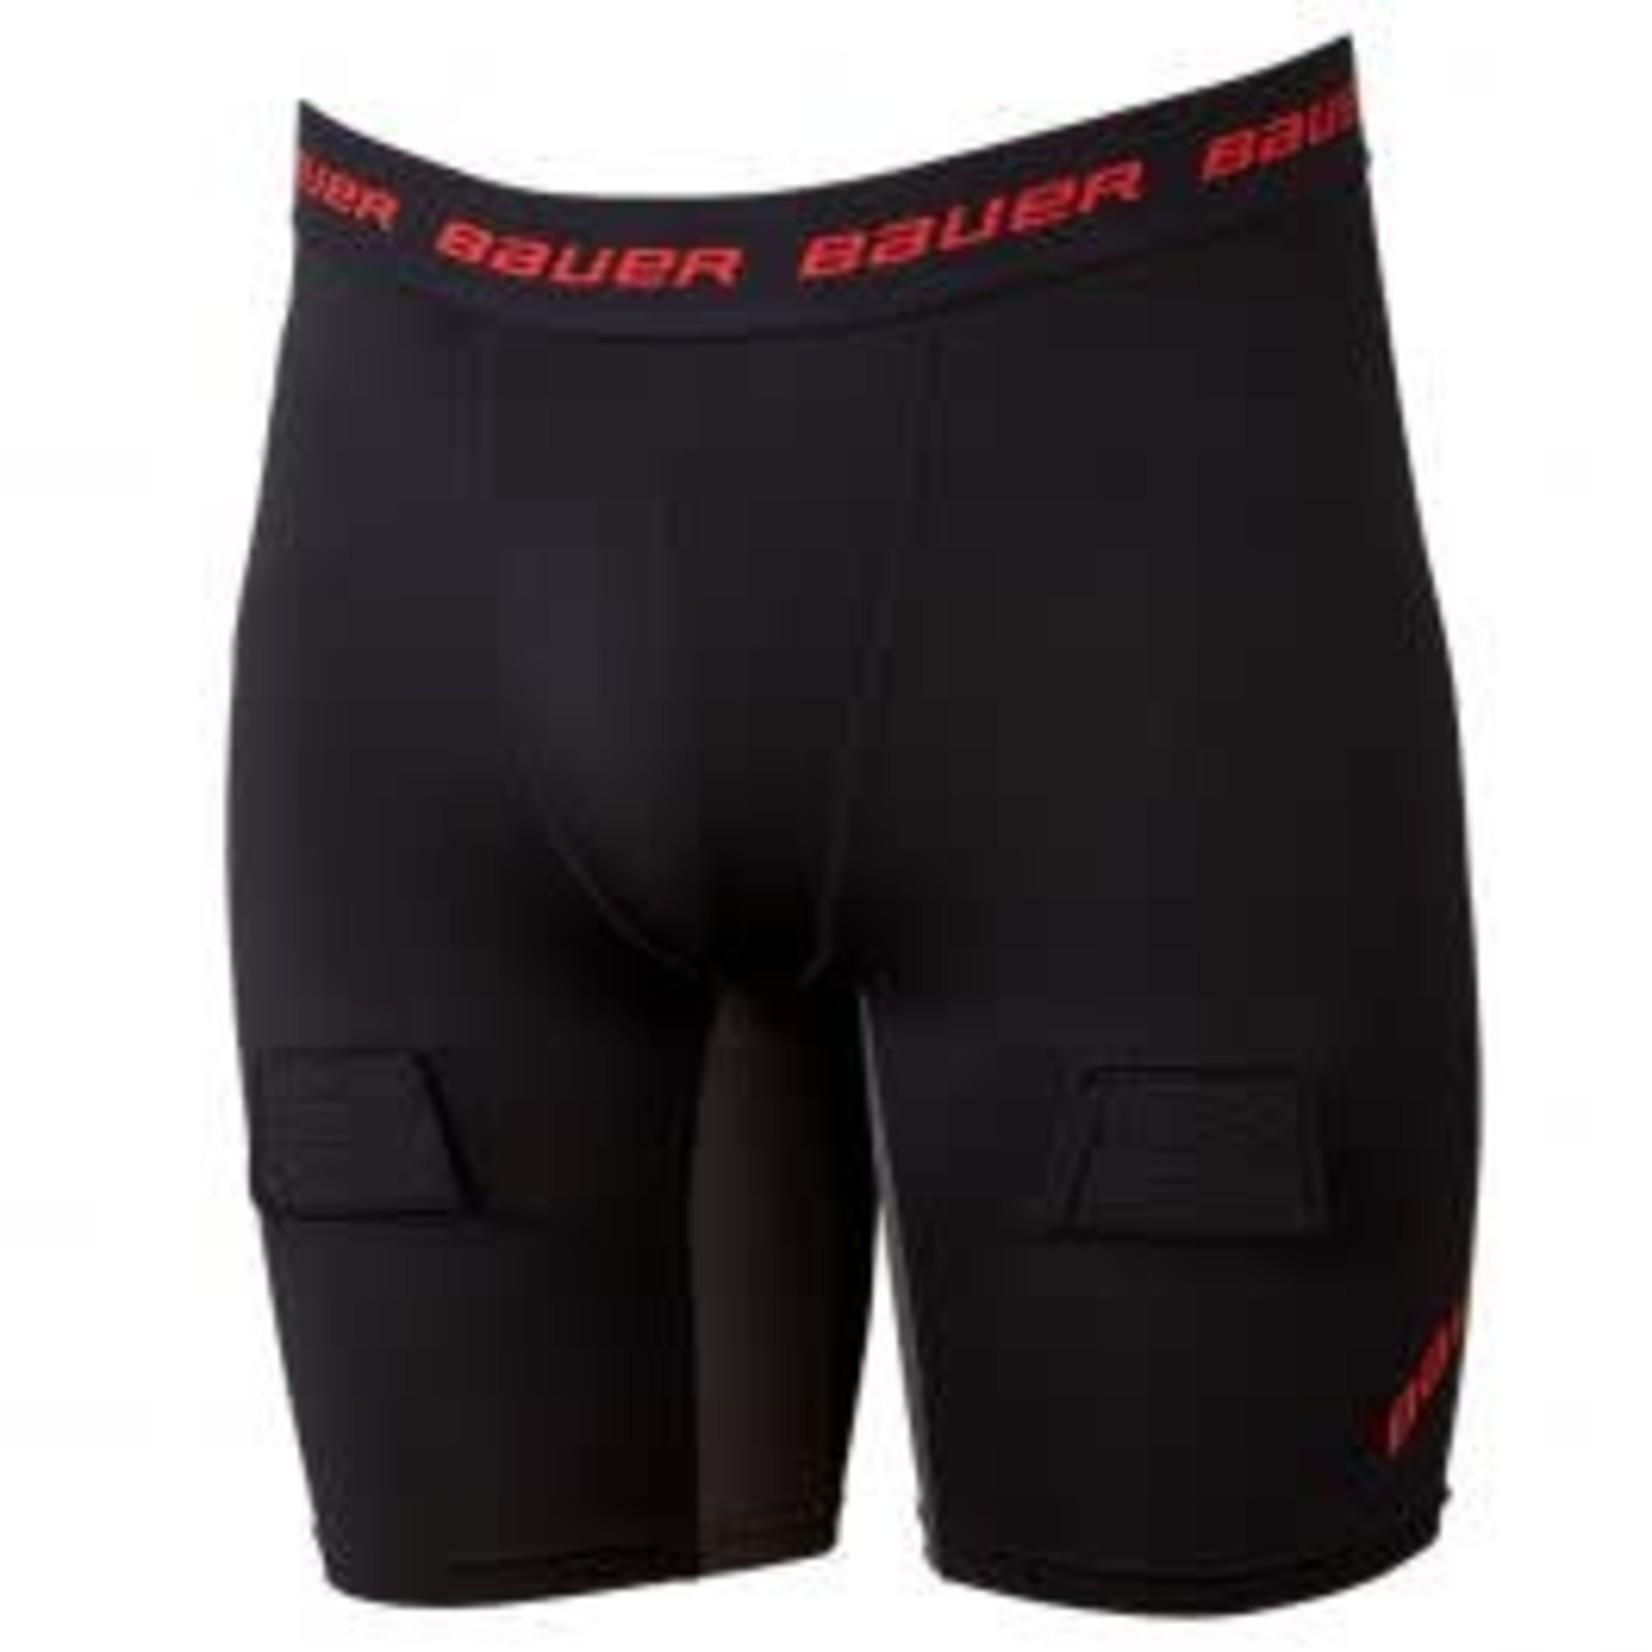 Bauer Bauer Compression Jock Shorts, Essential, Senior